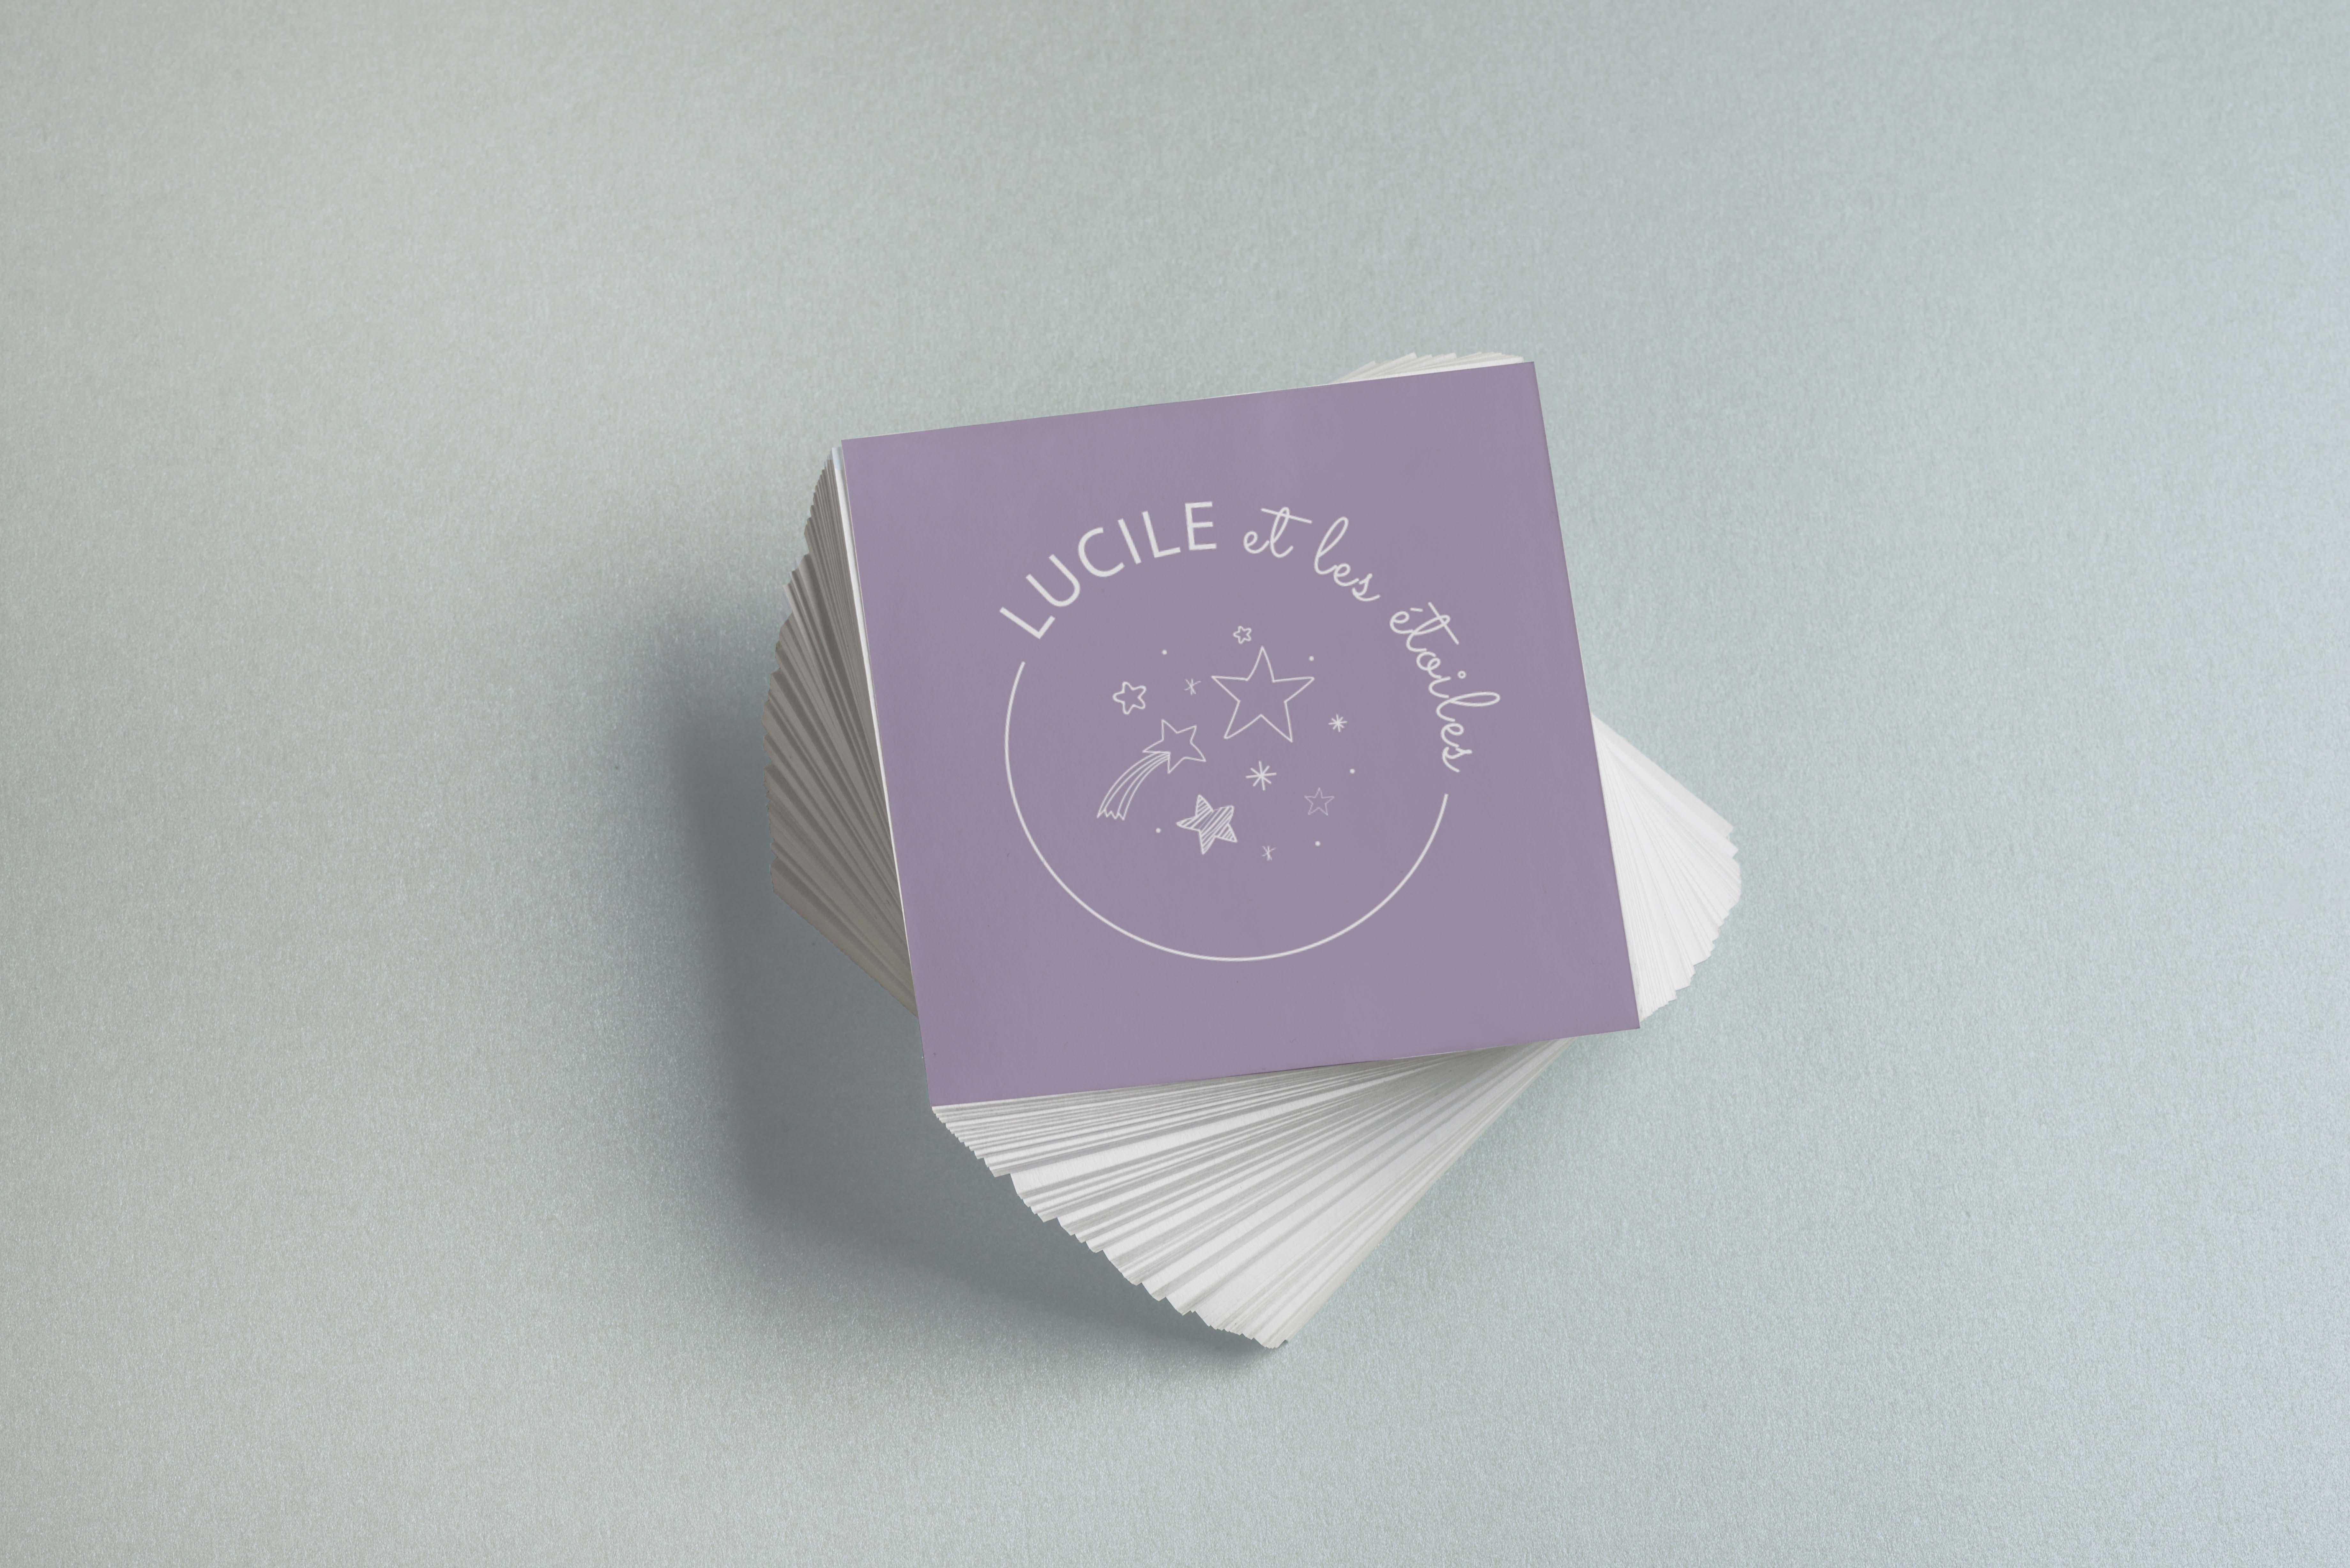 Logo Lucile et les étoiles 3